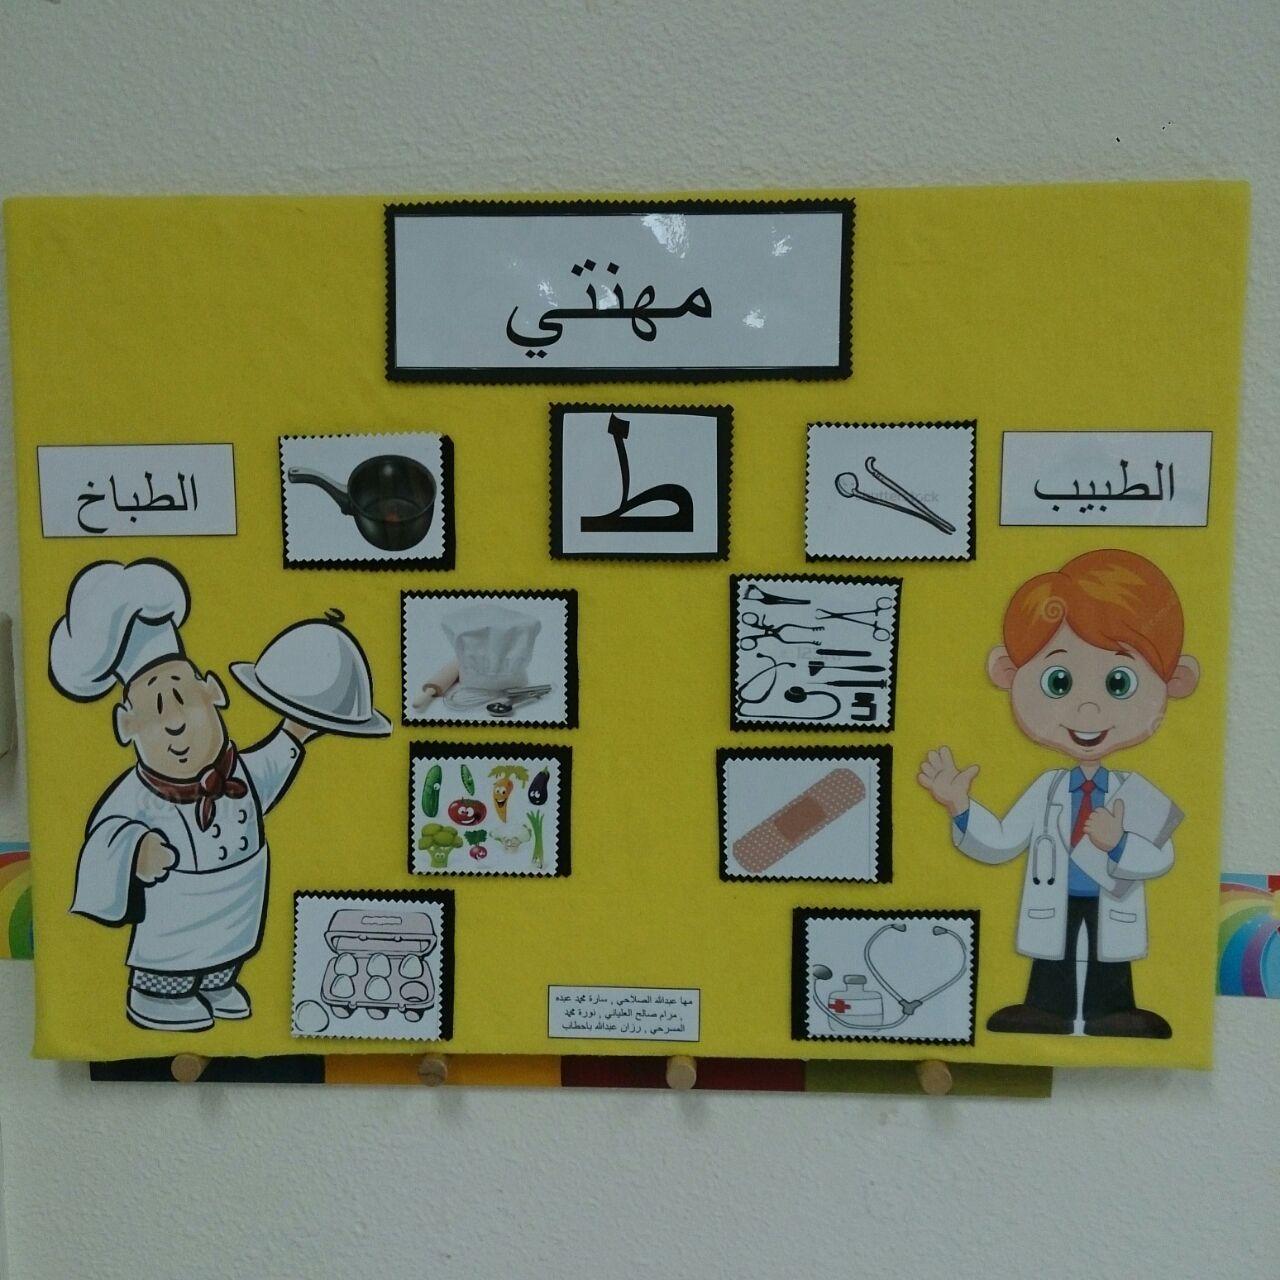 فكرةا للوحة وترابطها تهدف الوحة الى تعليم الطفل نوعين من المهن تم إختيار الطباخ و الطبيب Learning Poster Farm Animals Preschool High School Bulletin Boards